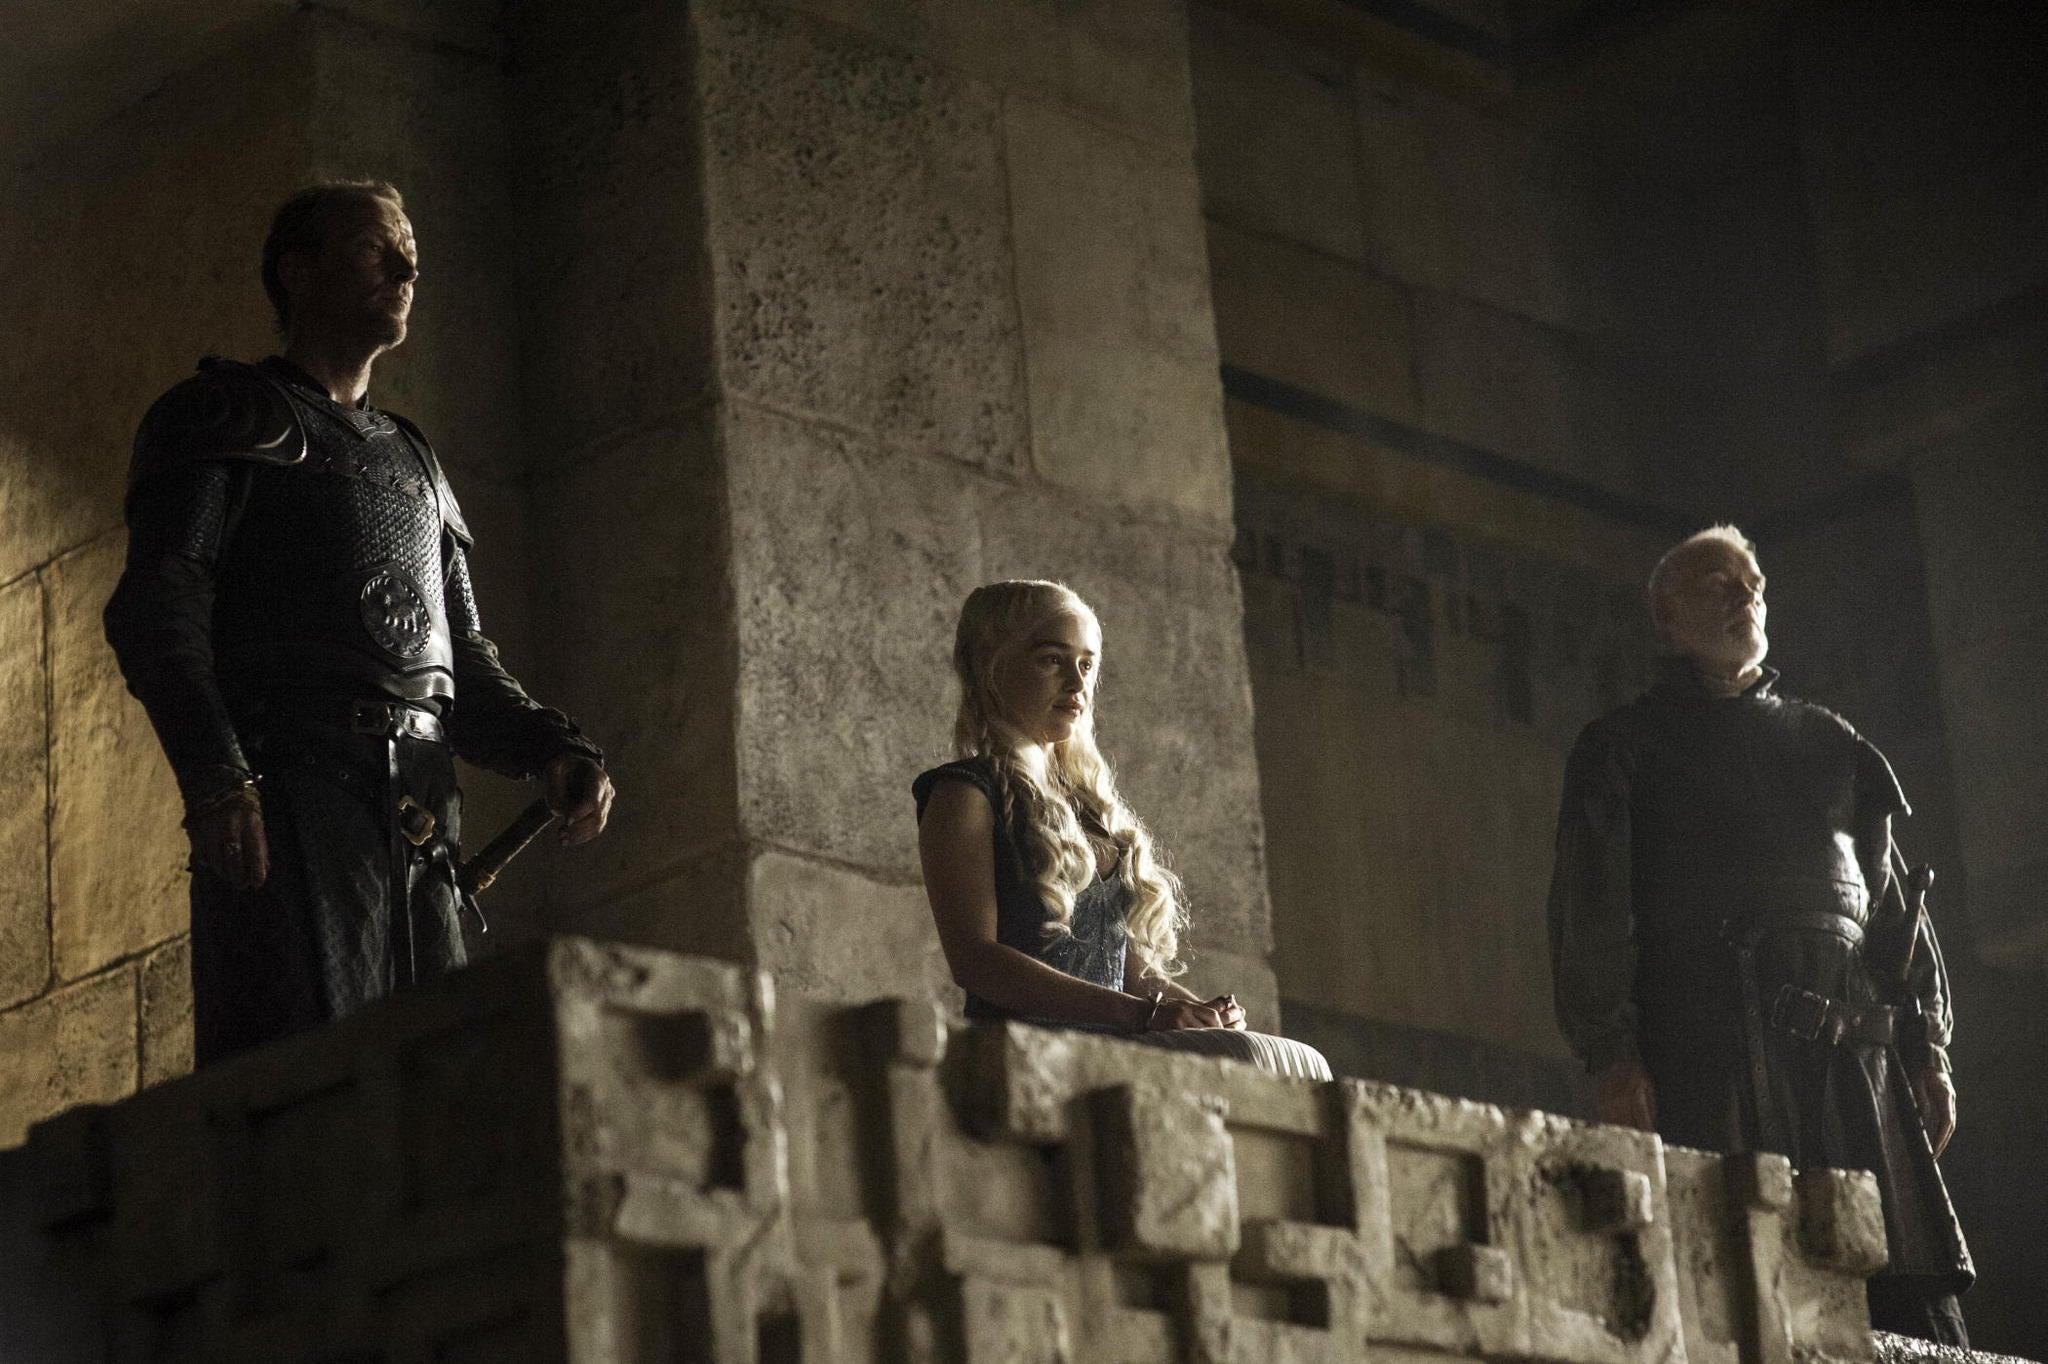 Game of Thrones actress Carice van Houten calls for more